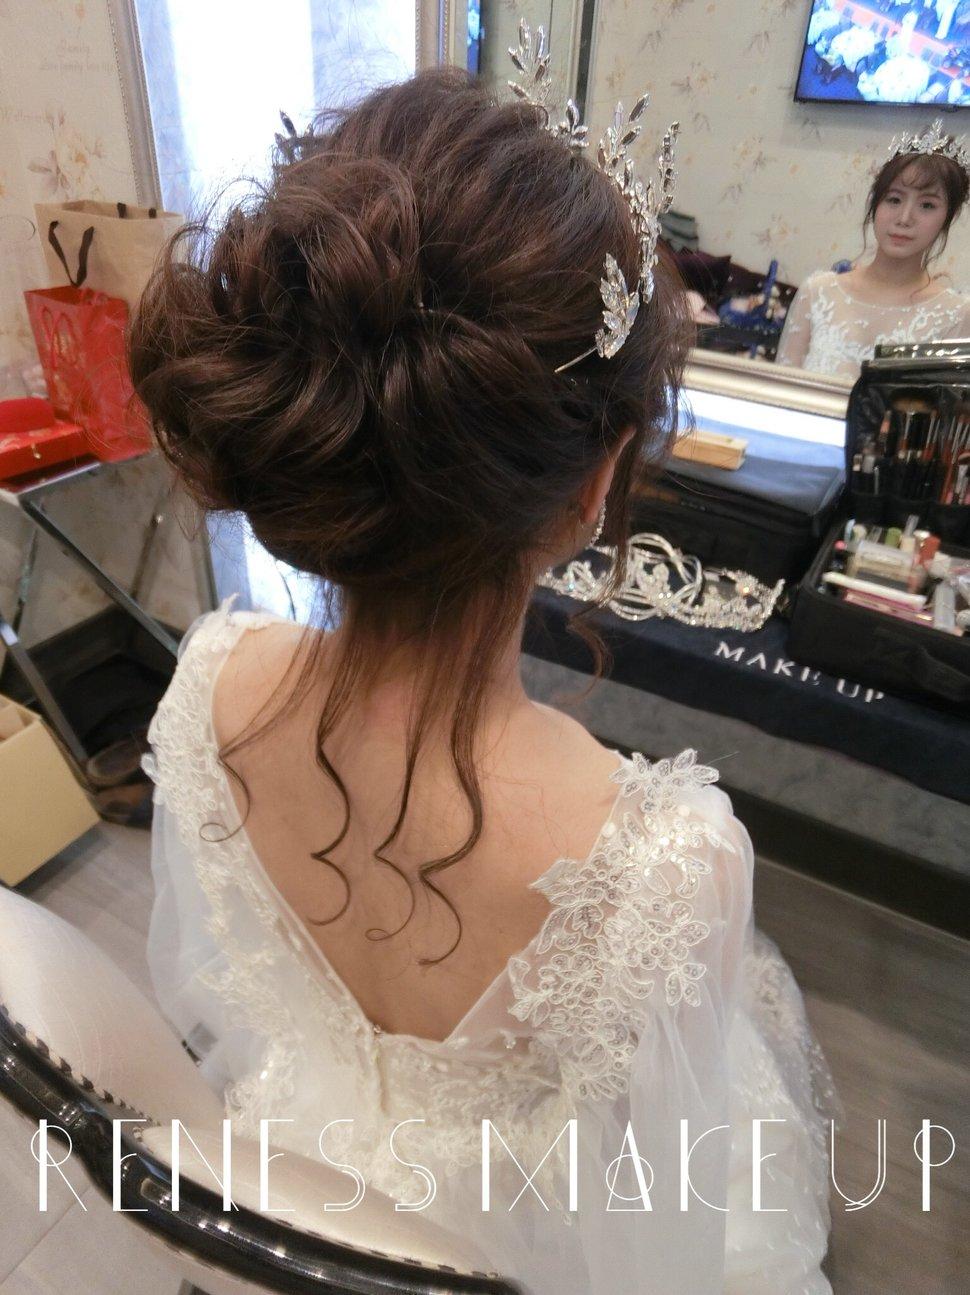 25EC9A10-7D36-4A02-8AAB-886E252CE660 - Reness bridal makeup《結婚吧》